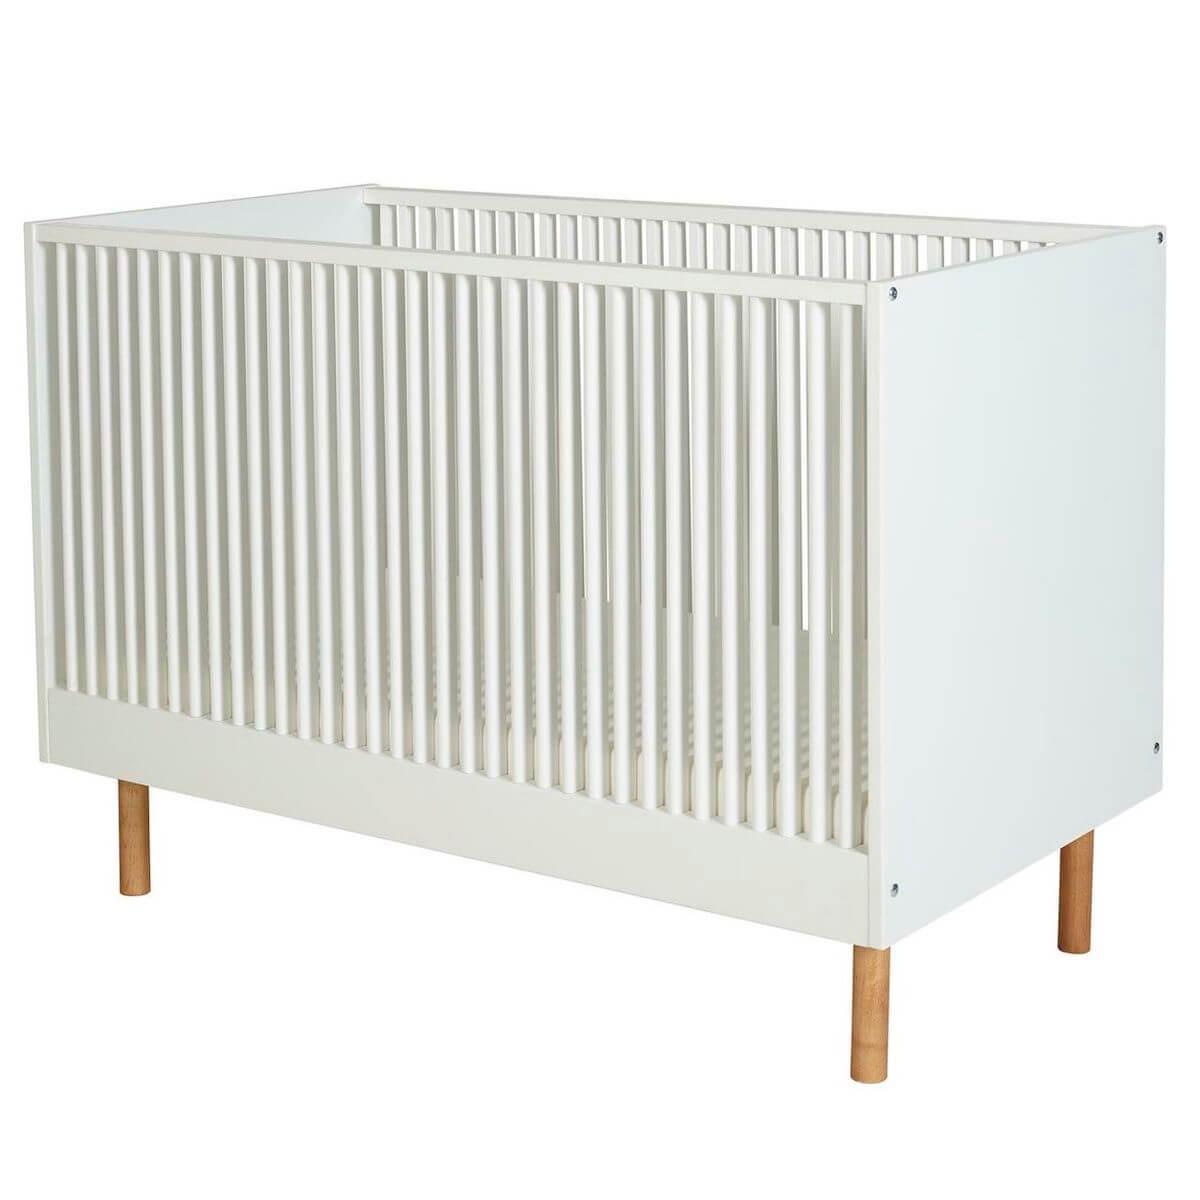 Babybett mitwachsend 60x120cm HEIKO Quax weiß